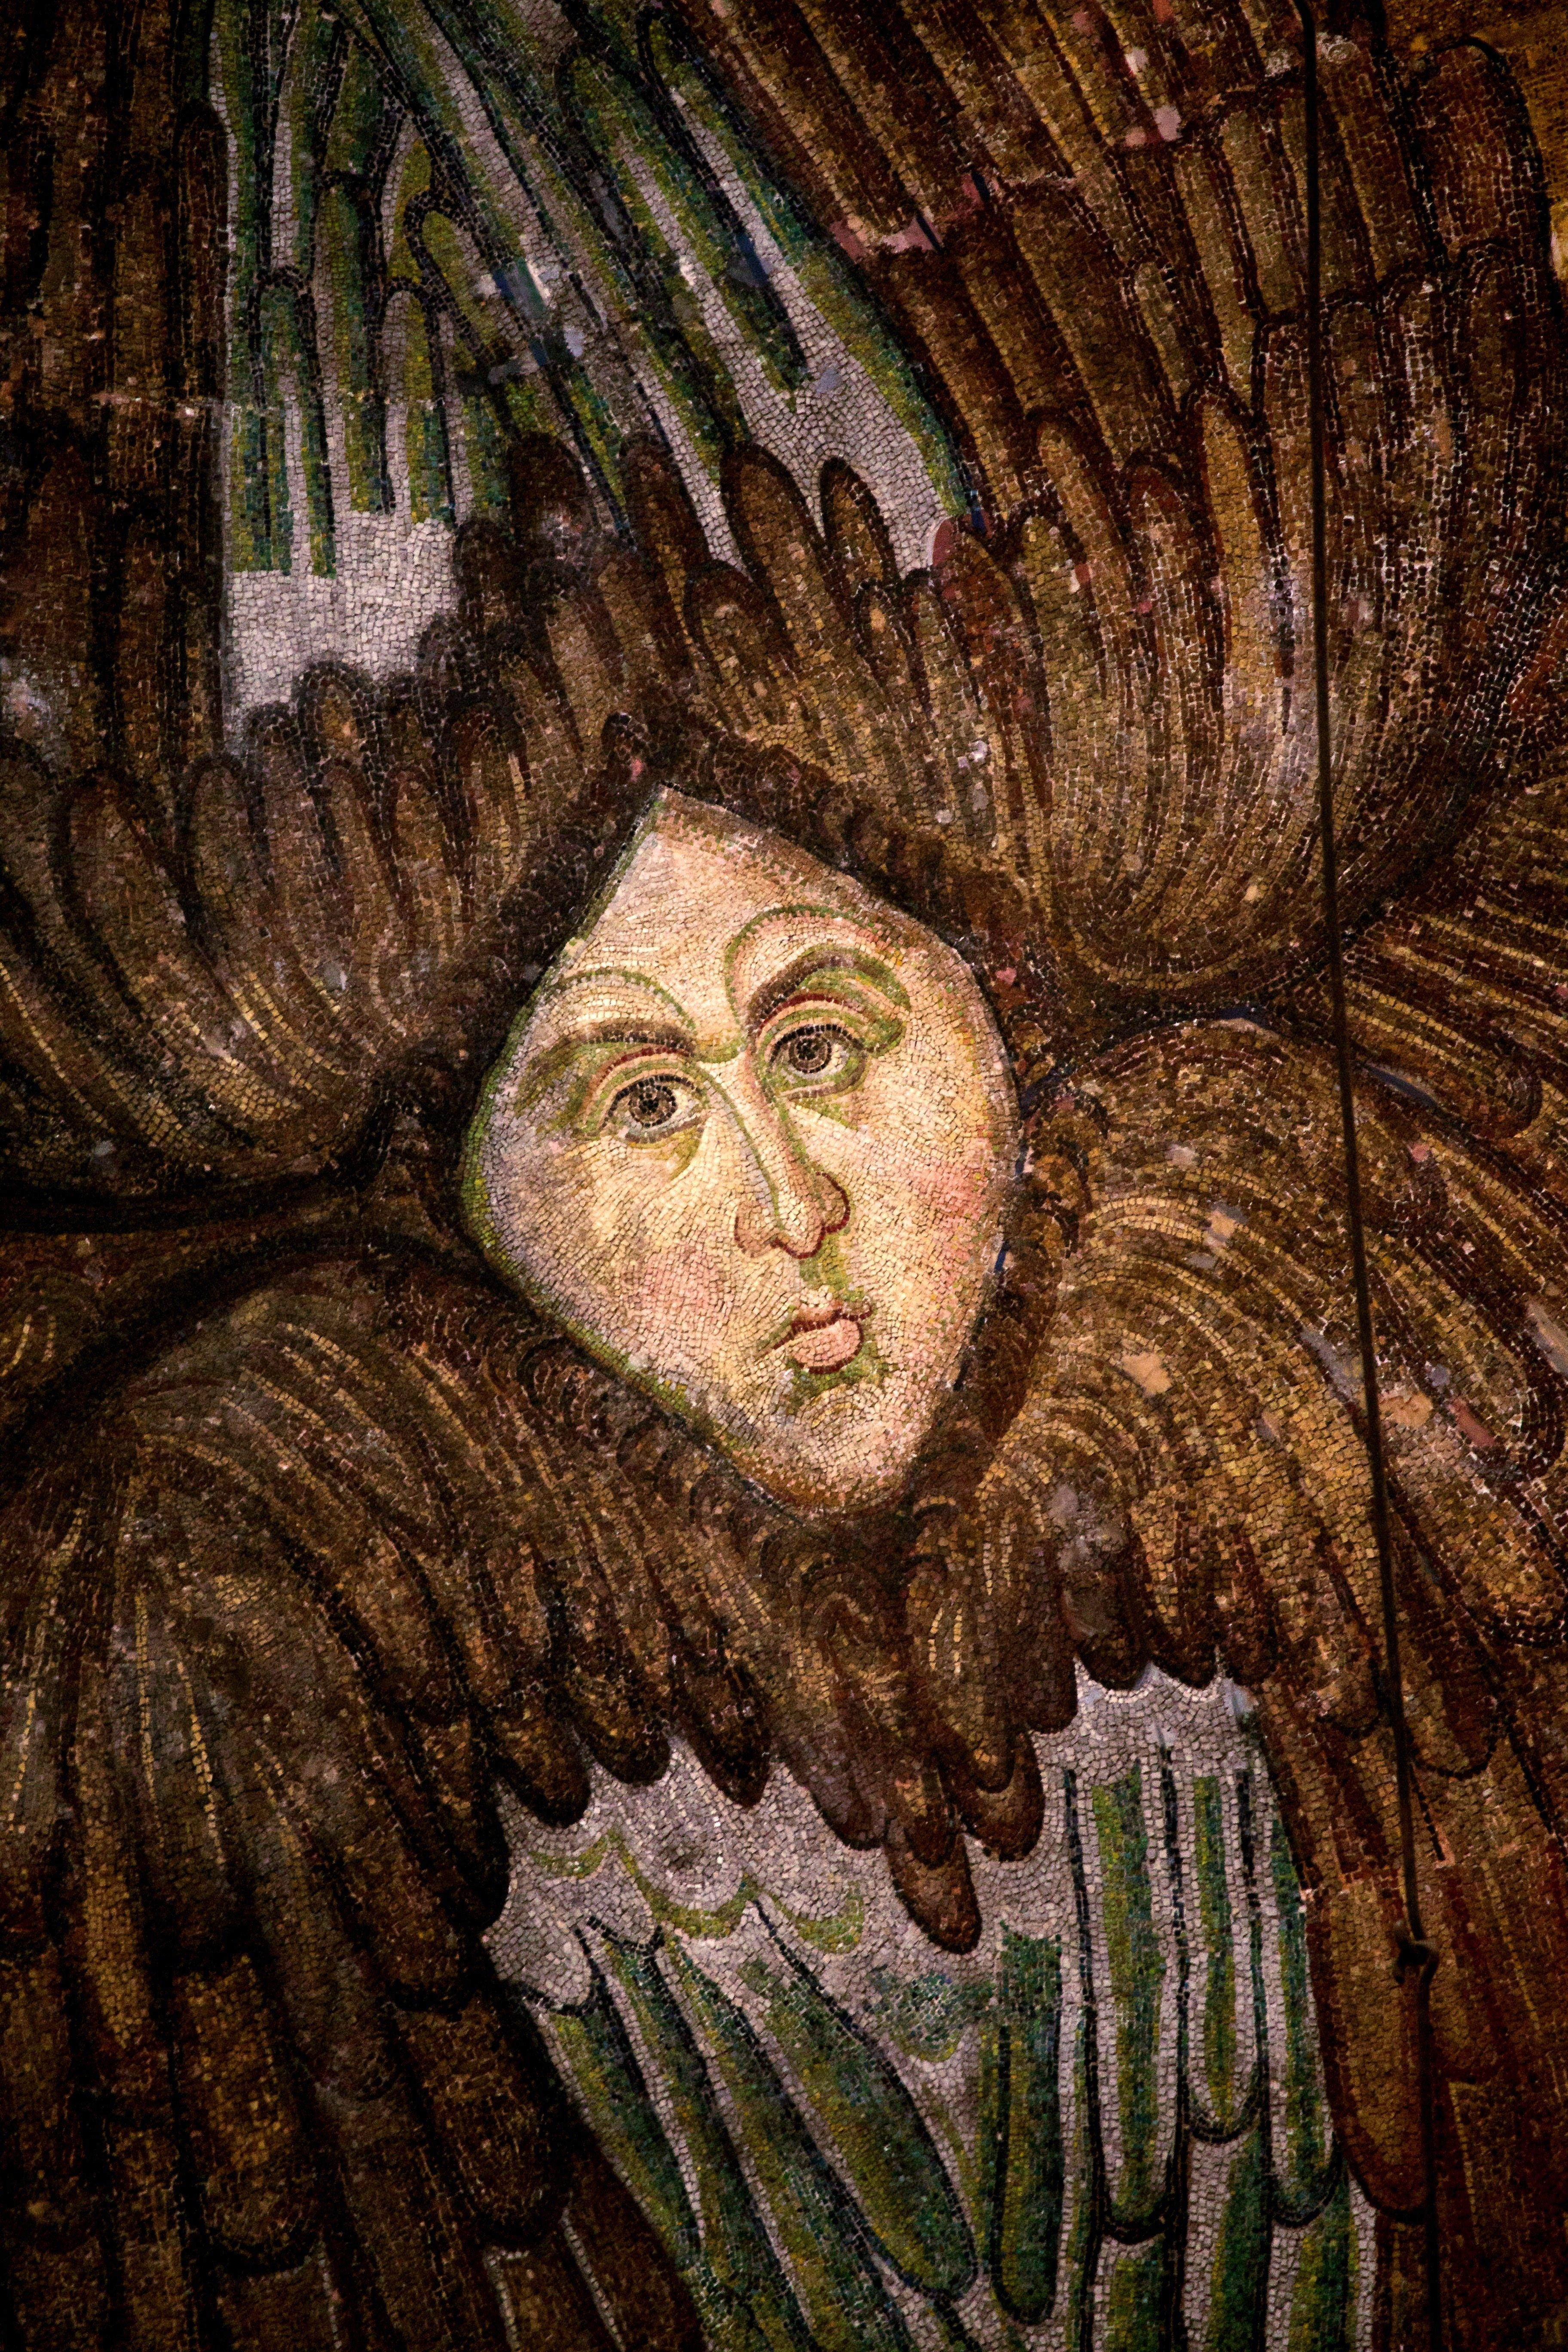 Серафим. Мозаика Собора Святой Софии в Константинополе. XIV век.